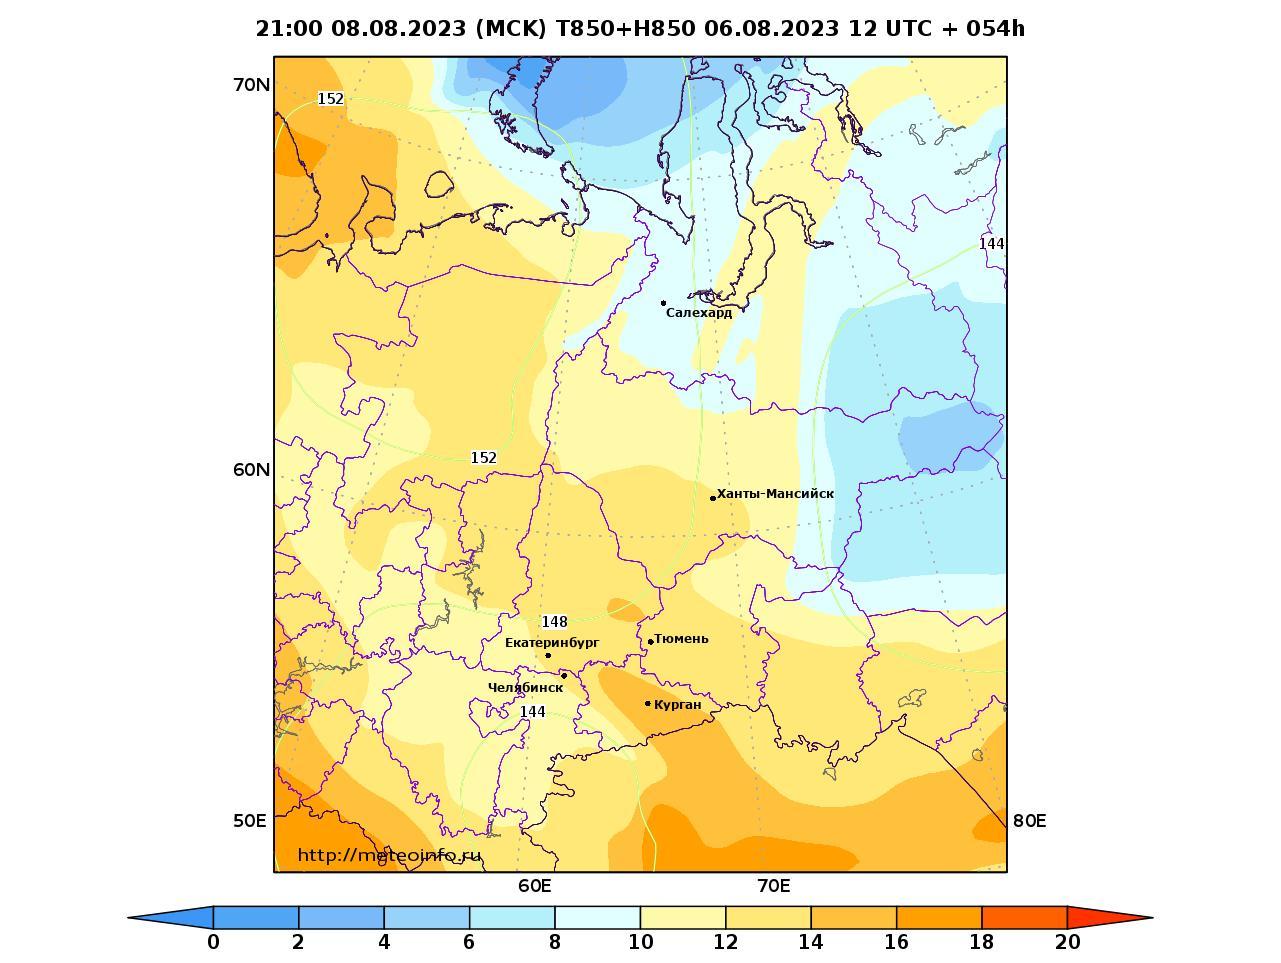 Уральский Федеральный округ, прогностическая карта температура T850 и геопотенциал H850, заблаговременность прогноза 54 часа